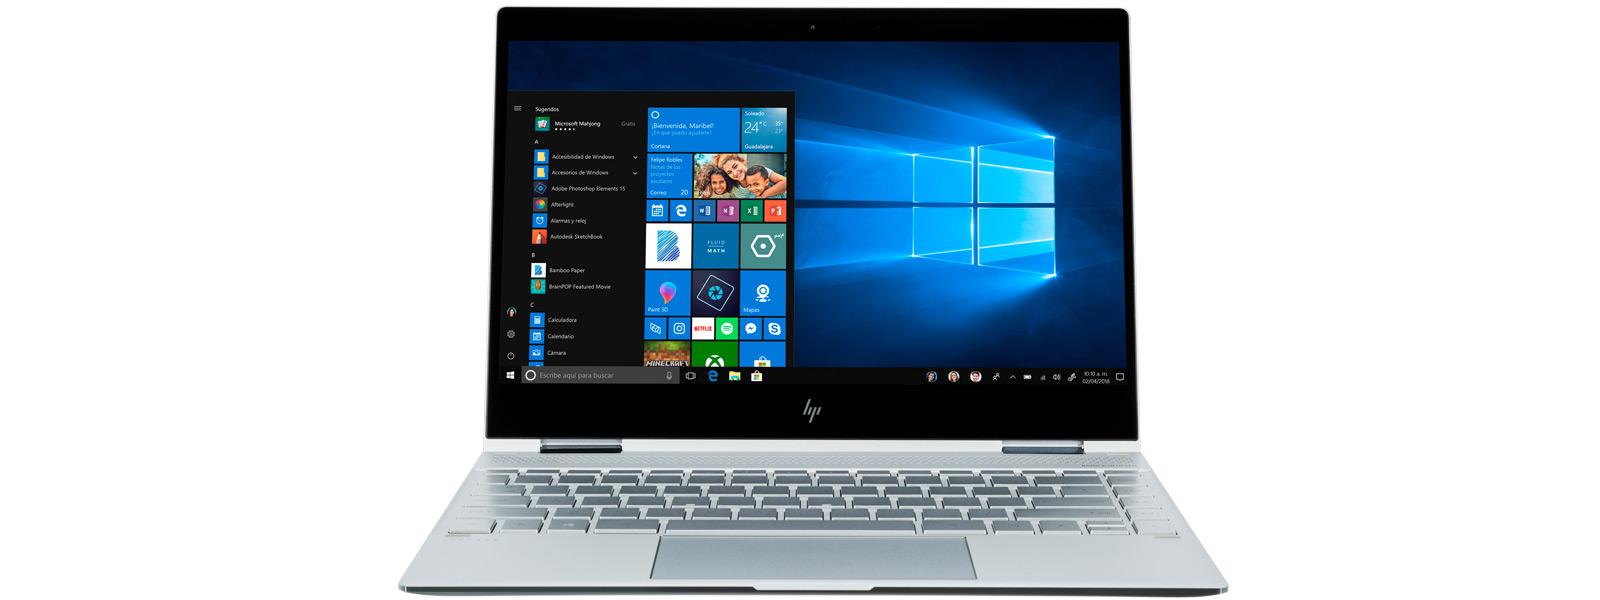 Imagen del ángulo derecho de Microsoft Surface Pro e imagen del ángulo izquierdo de HP Spectre x360 en modo carpa.